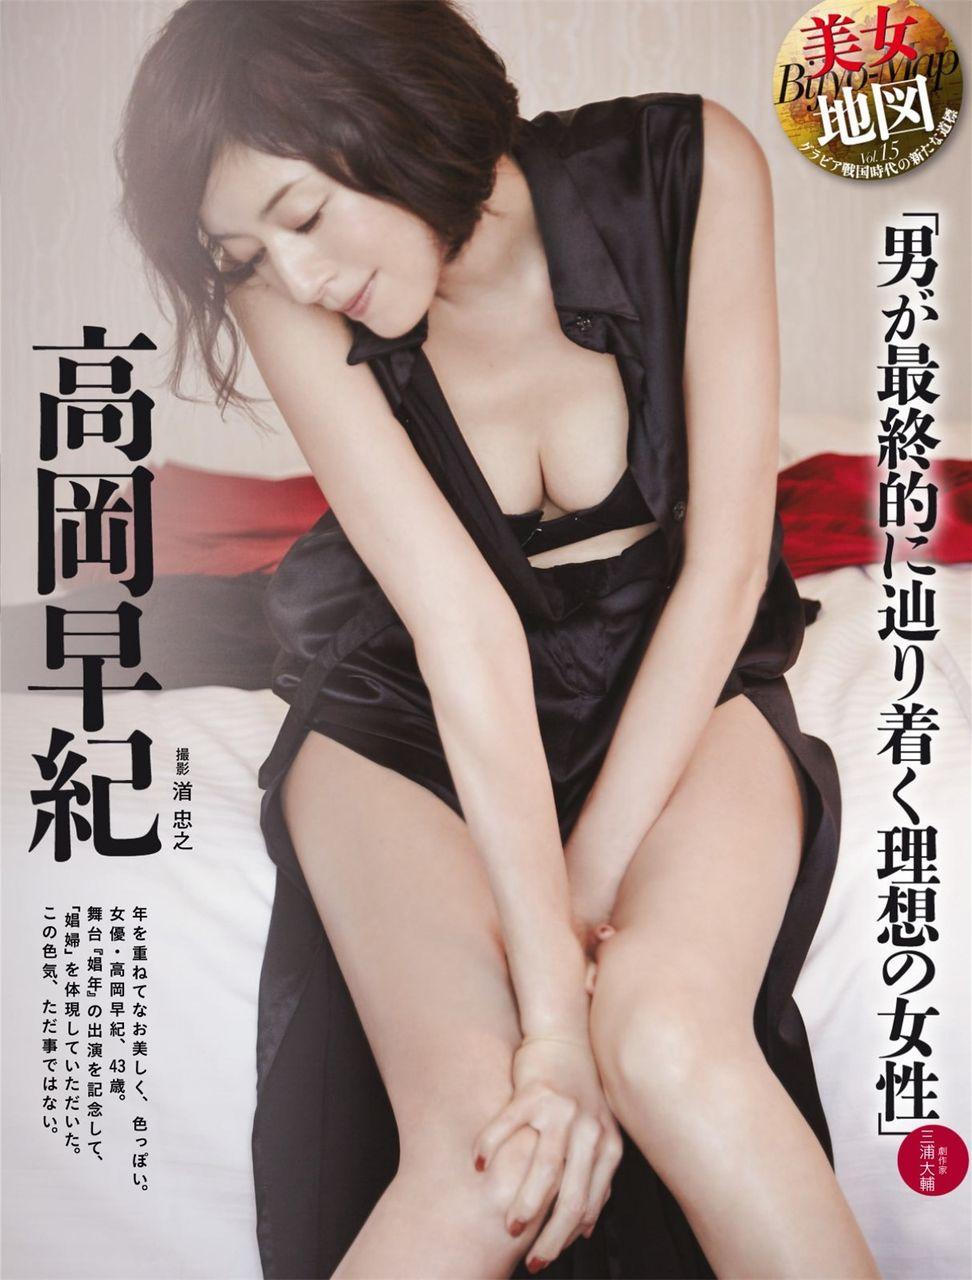 【エンタメ画像】43歳でも全然イケる高岡早紀ちゃんの情欲的グラビア画像